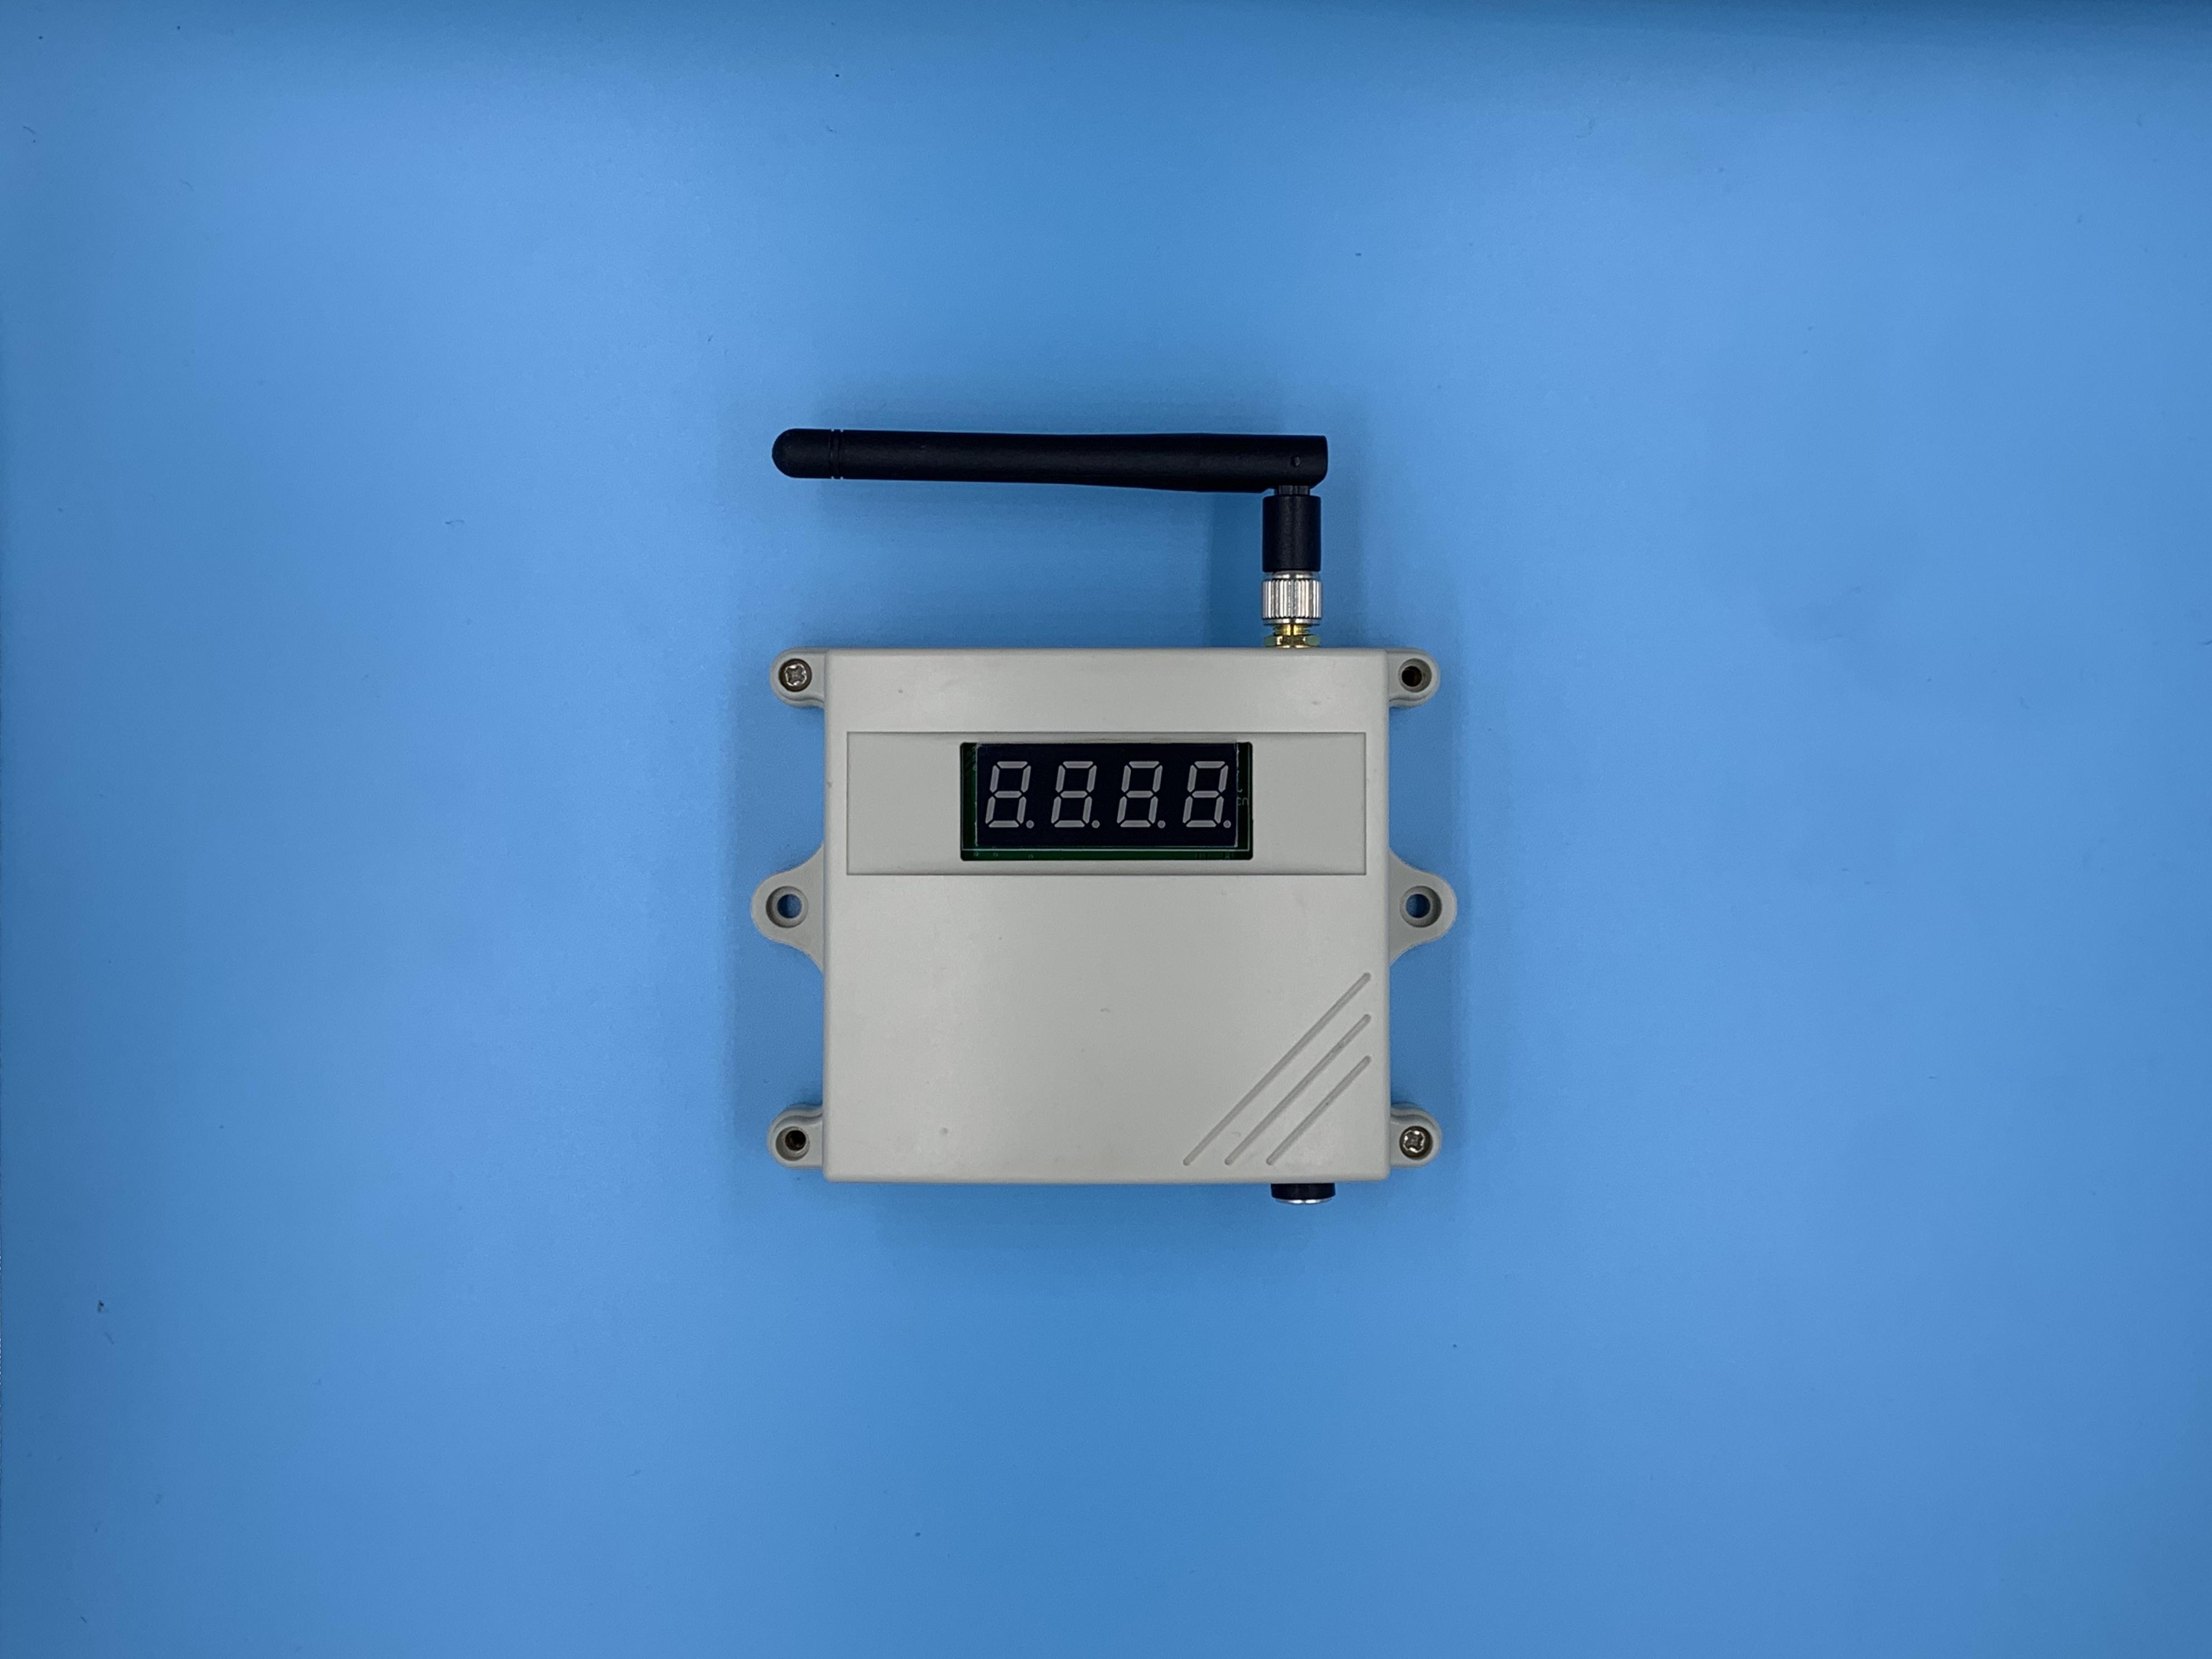 慧感嘉联自主研发的全新一代有源氧气浓度监控标签